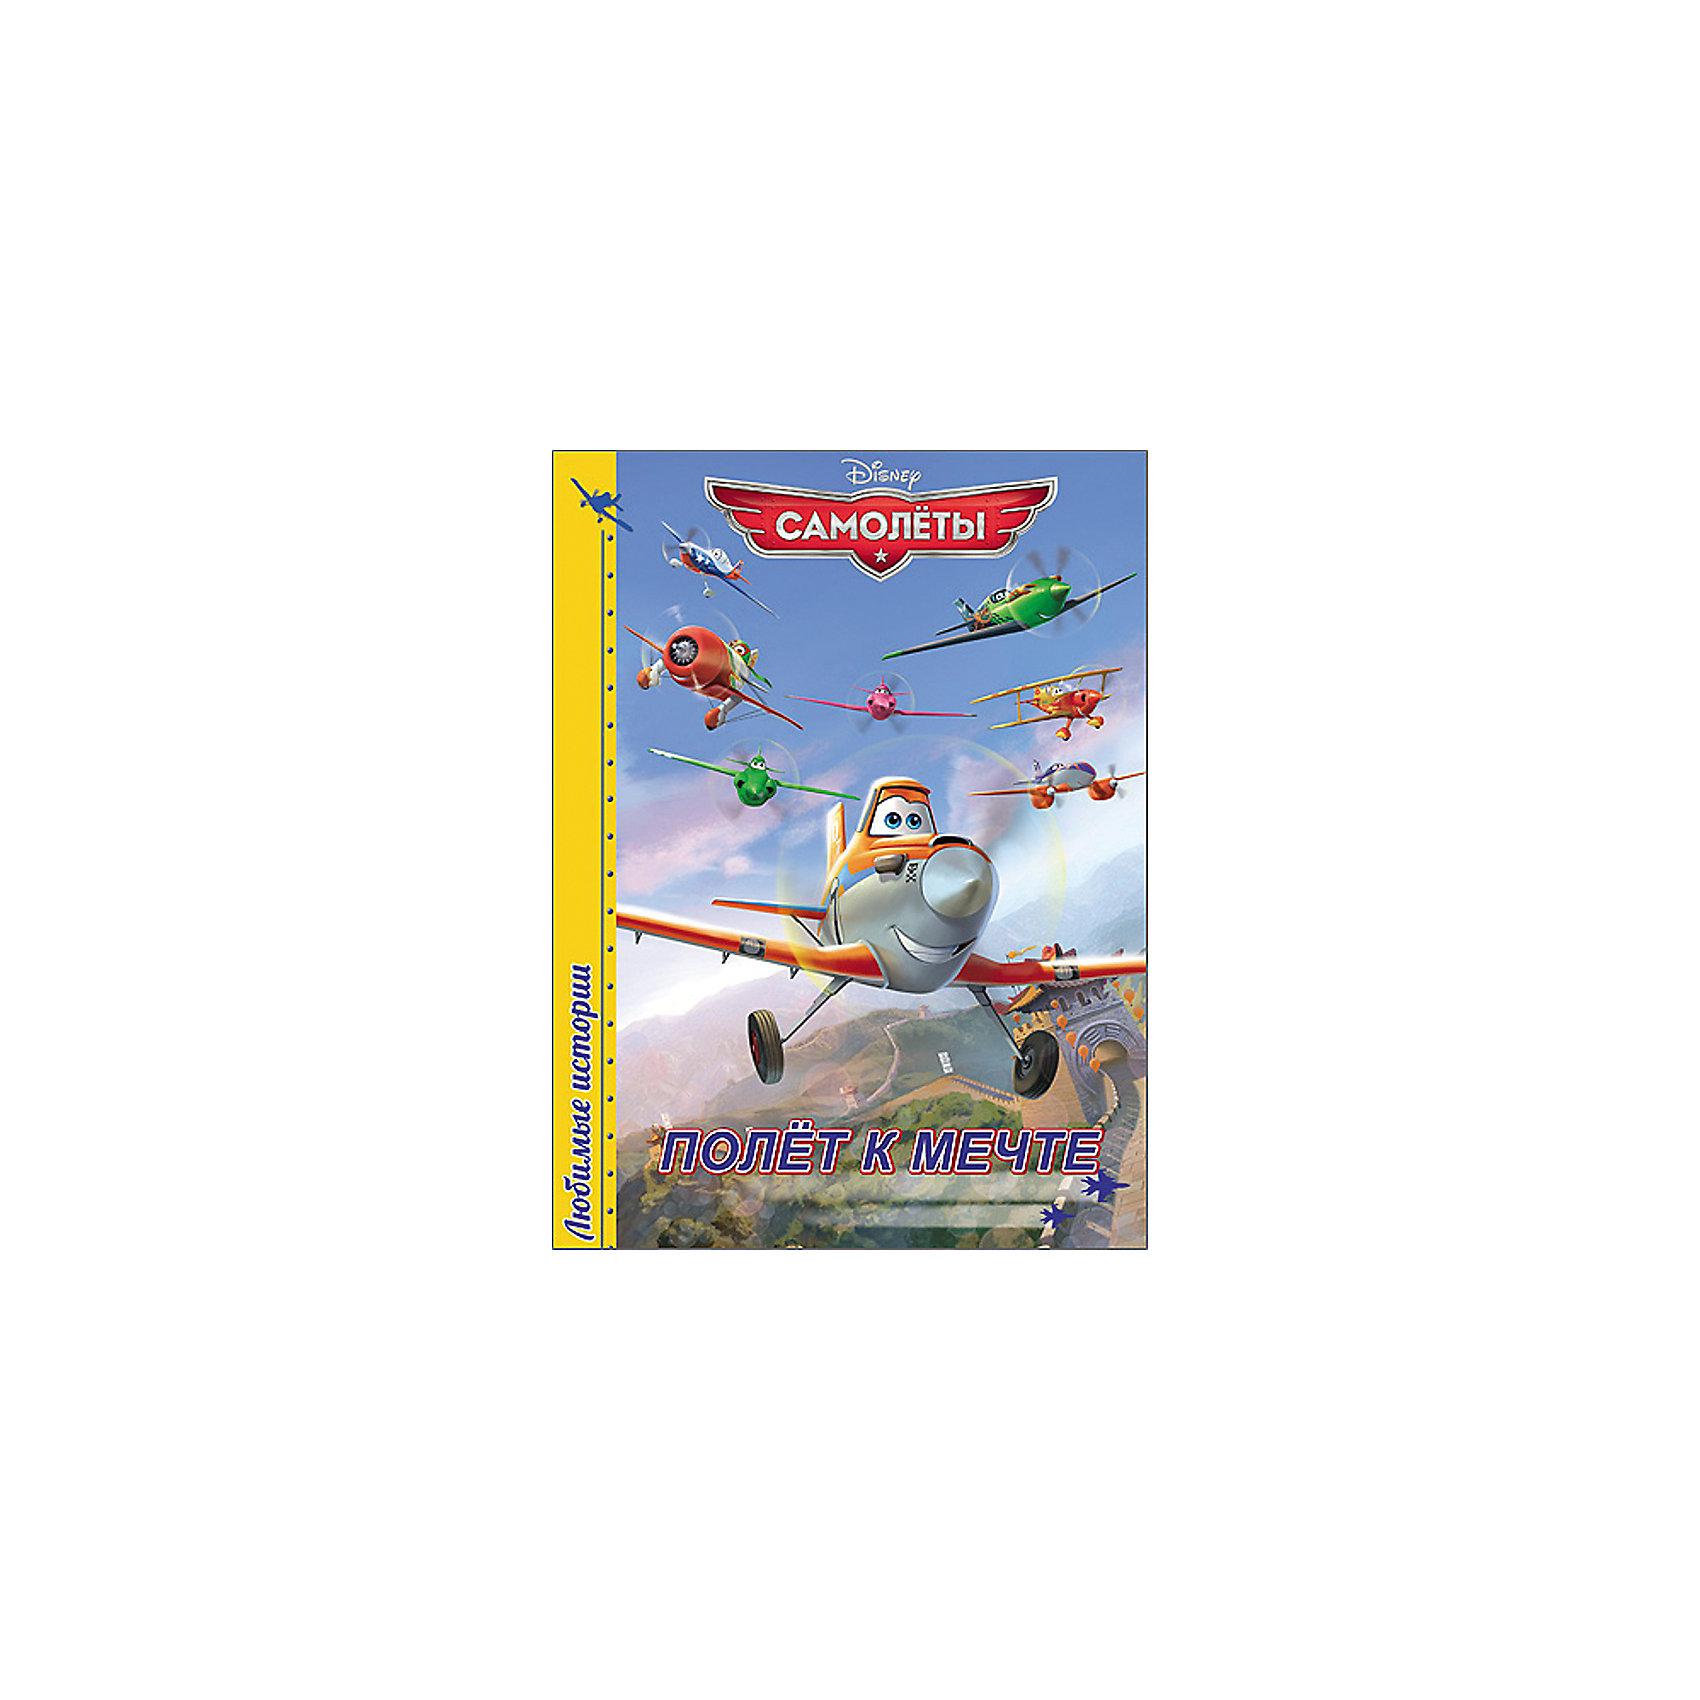 Книга Любимые истории. Полет к мечтеКнига Любимые истории. Полет к мечте – это красочно иллюстрированная картонная книга о невероятных приключениях самолета Дасти.<br>Подняться к облакам и смотреть на все с высоты птичьего полета? Это возможно! Ведь в твоих руках книга Disney (Дисней). Вместе с отважным самолетом Дасти ты совершишь кругосветное путешествие. Тебя поджидает много опасностей. Но на пути к мечте не бывает преград. Скорее открывай книгу! Книга оформлена яркими иллюстрациями, имеет плотные картонные страницы, которые удобно переворачивать даже самому юному читателю. Для чтения взрослыми детям.<br><br>Дополнительная информация:<br><br>- Издательство: Проф-Пресс, 2015 г.<br>- Серия: Disney (Дисней). Любимые истории<br>- Переплет: цельнокрытый<br>- Тип обложки: картонная обложка, картонные страницы<br>- Оформление:  глянцевая ламинация<br>- Иллюстрации: цветные<br>- Количество страниц: 10<br>- Размер: 218x158x5 мм.<br>- Вес: 144 гр.<br><br>Книгу Любимые истории. Полет к мечте можно купить в нашем интернет-магазине.<br><br>Ширина мм: 160<br>Глубина мм: 5<br>Высота мм: 220<br>Вес г: 140<br>Возраст от месяцев: 36<br>Возраст до месяцев: 72<br>Пол: Унисекс<br>Возраст: Детский<br>SKU: 4500278